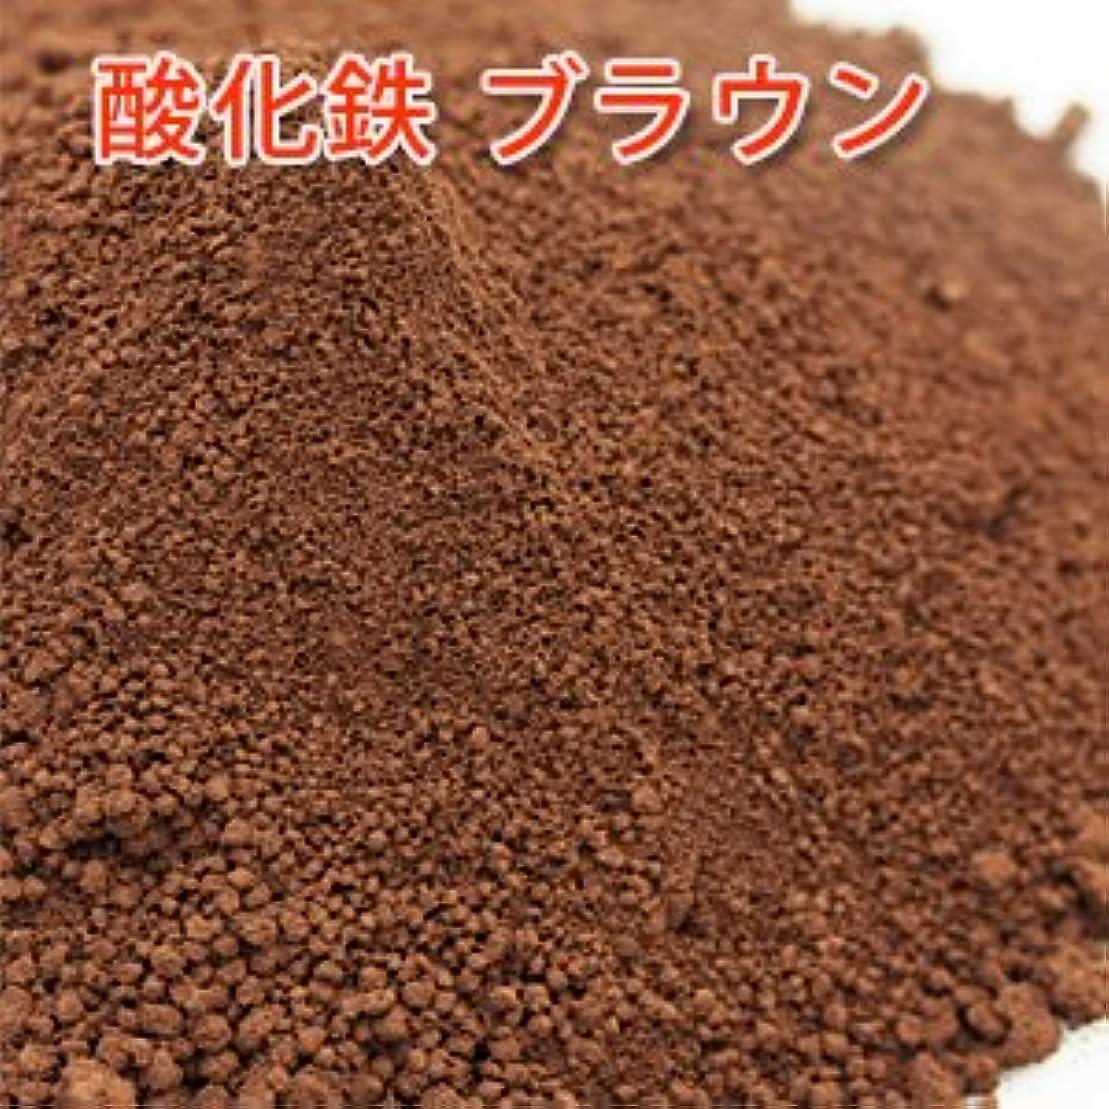 スティックジェット日没酸化鉄 ブラウン 5g 【手作り石鹸/手作りコスメ/色付け/カラーラント/茶】